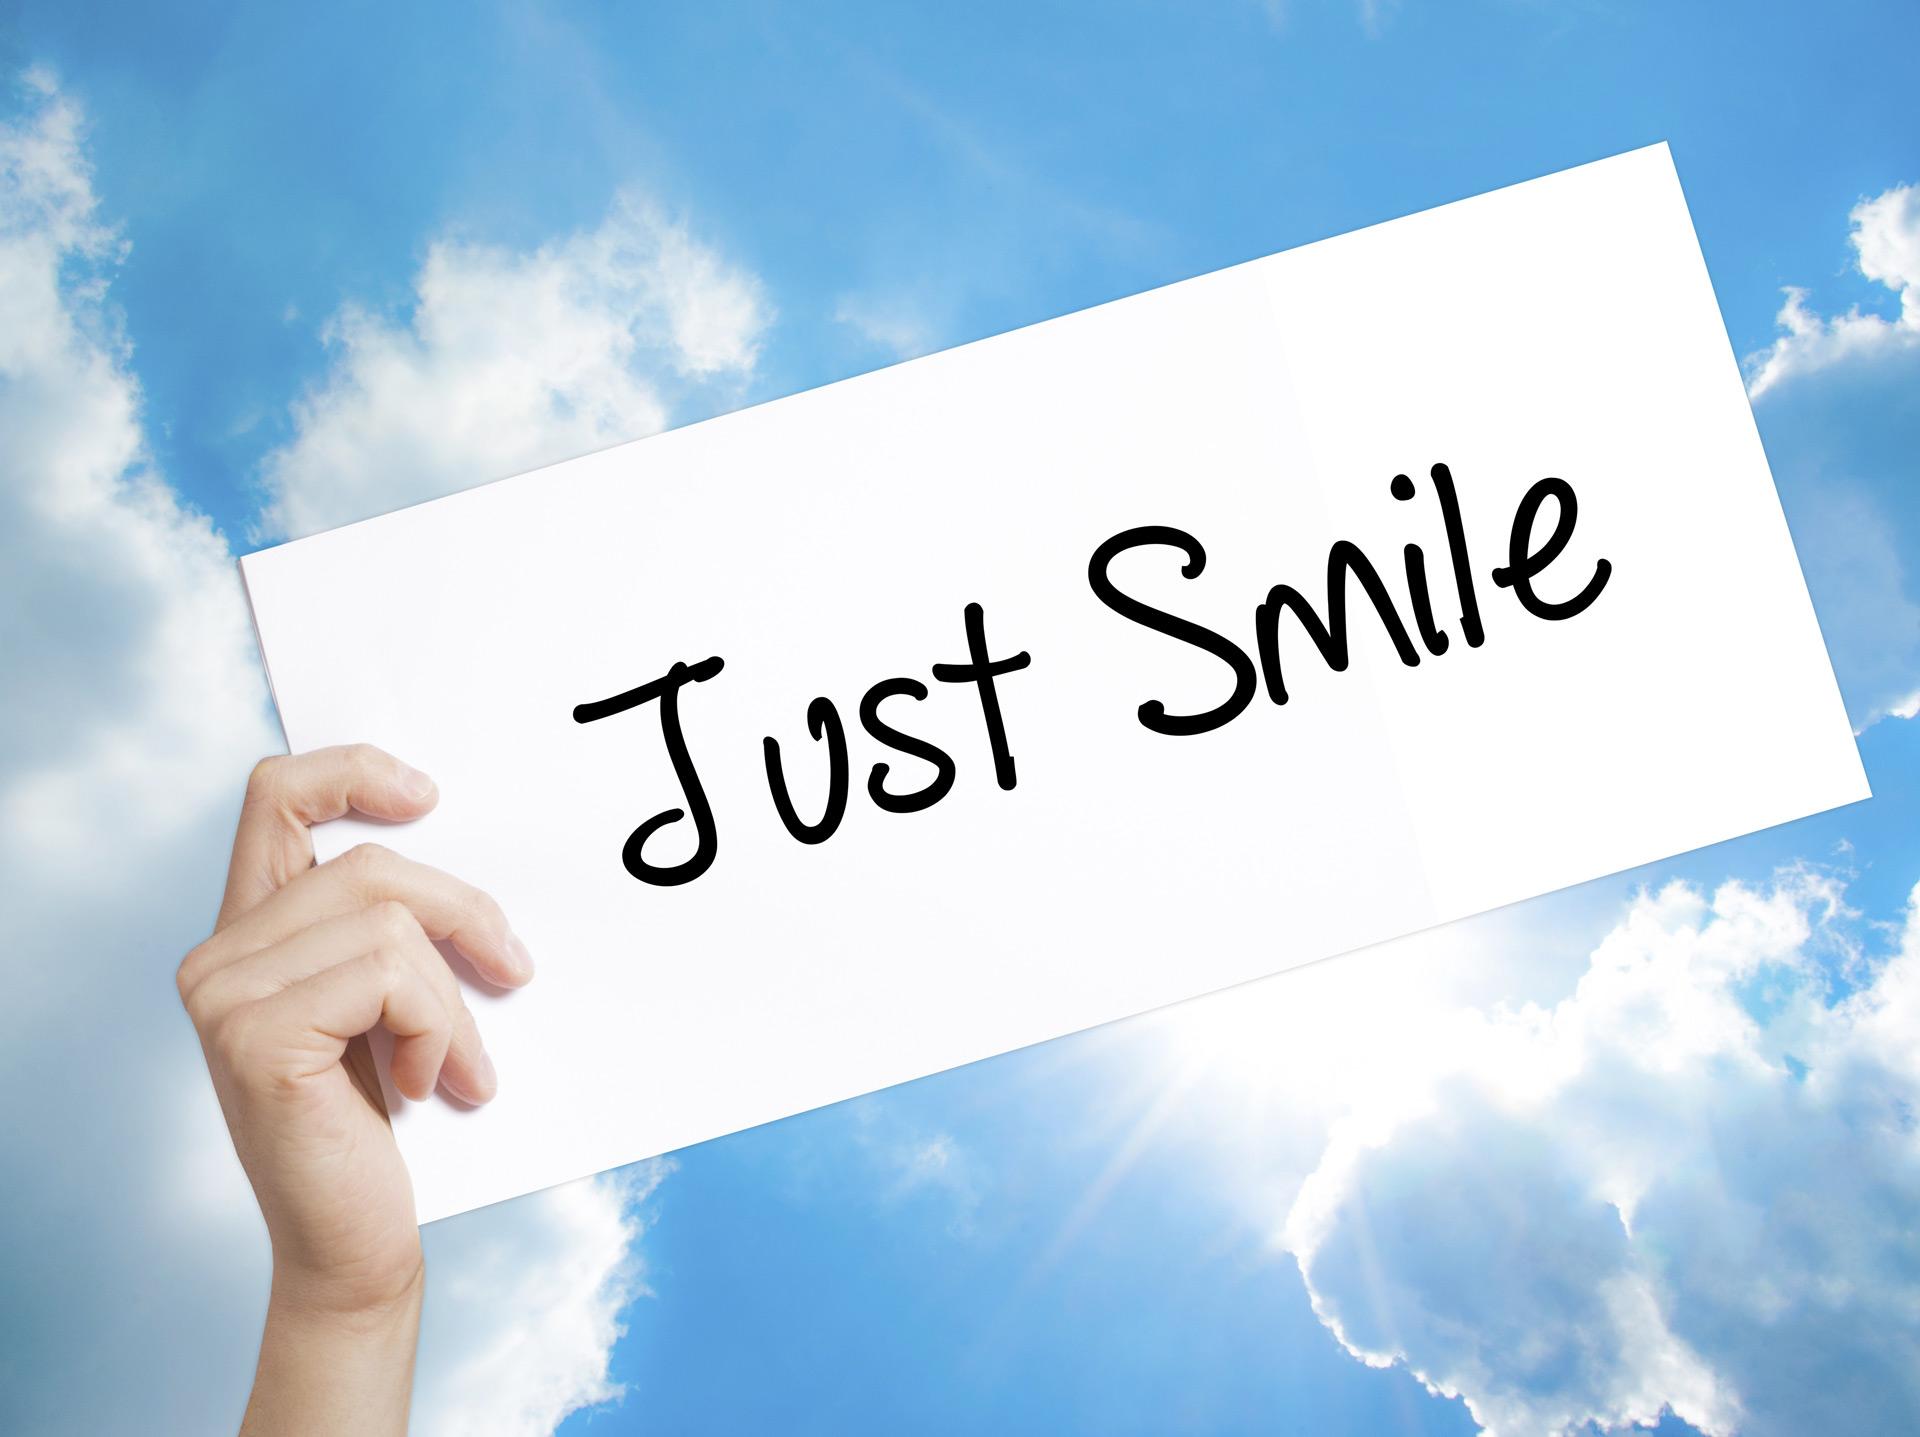 agile BGF » betriebliche Gesundheitsförderung » Just Smile als Text und im Hintergrund leicht bewölkter Himmel